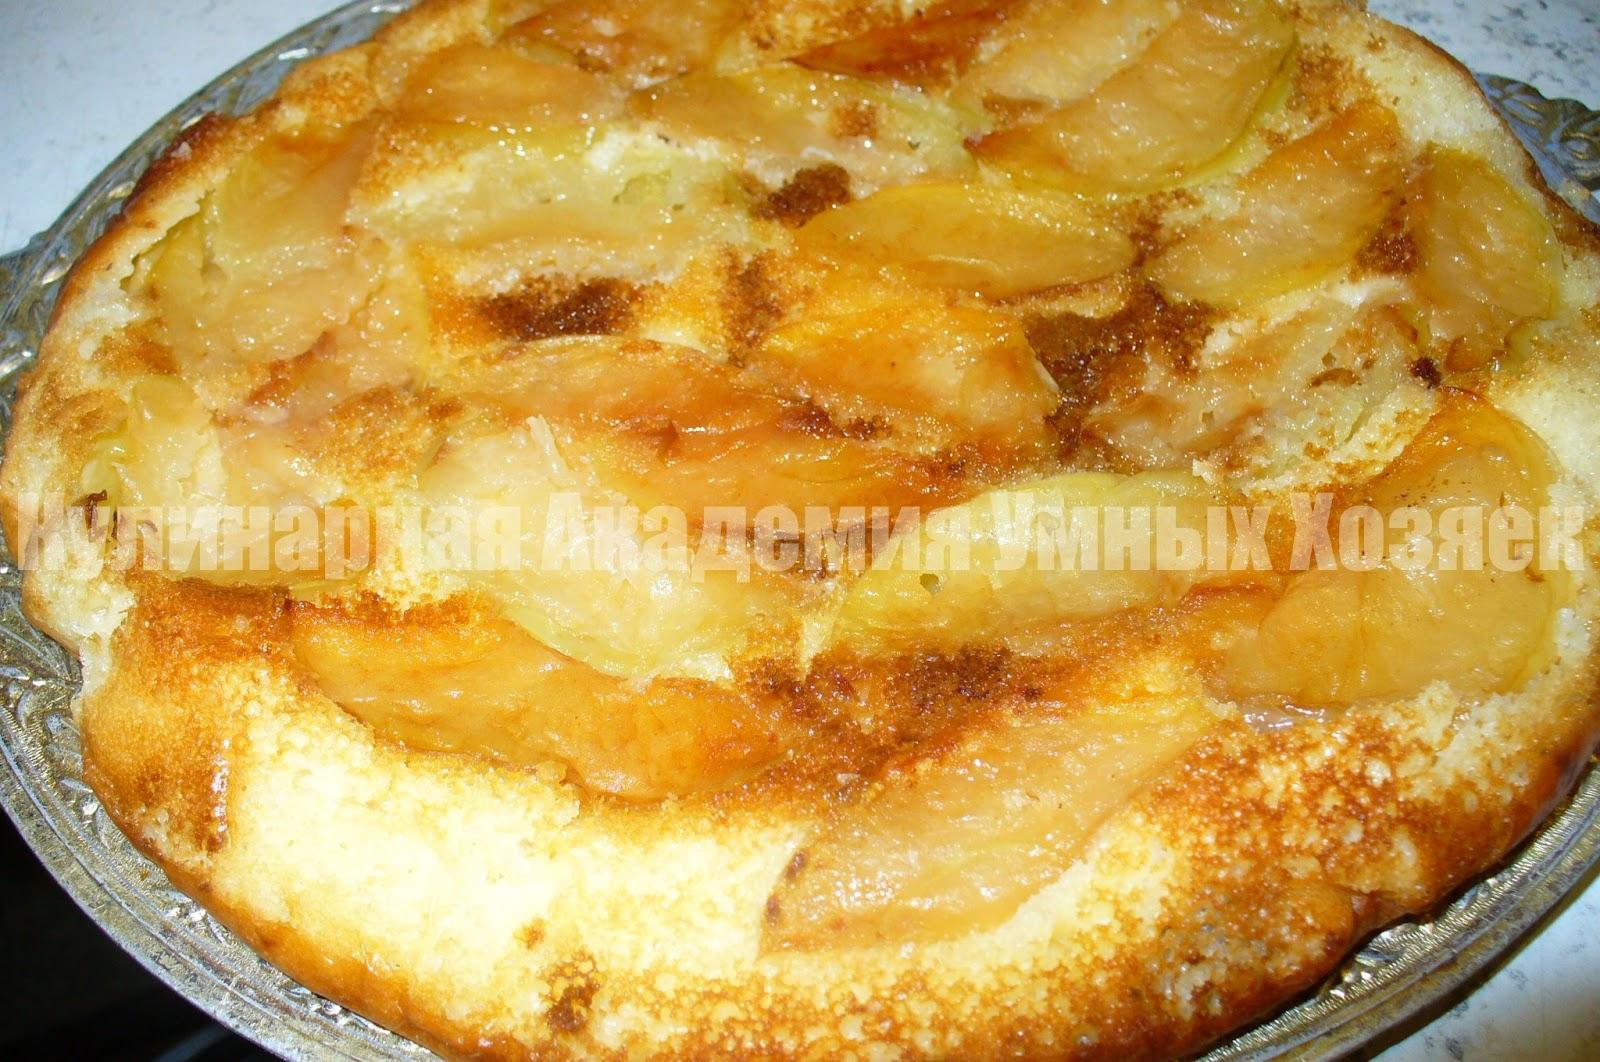 Пирог с яблоками на твороге рецепт пошагово в духовке